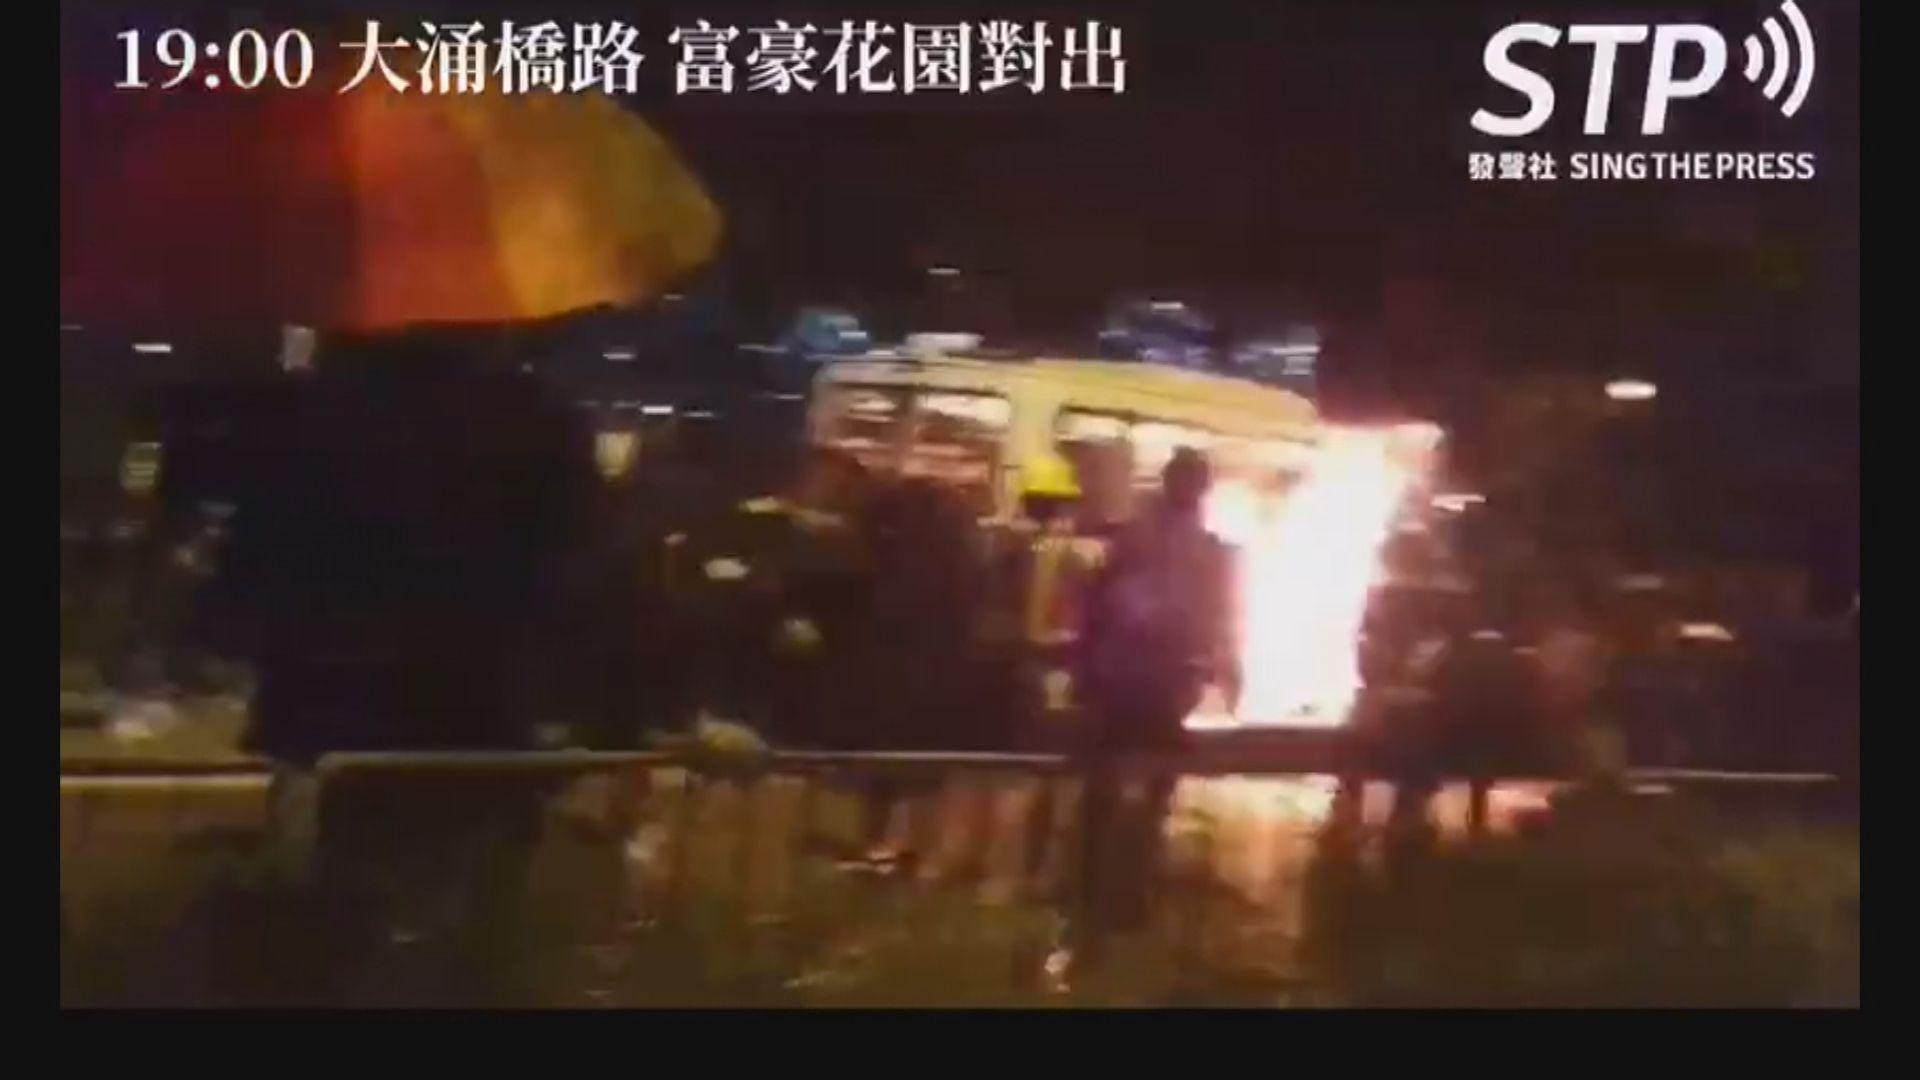 有示威者晚上在沙田向警車縱火